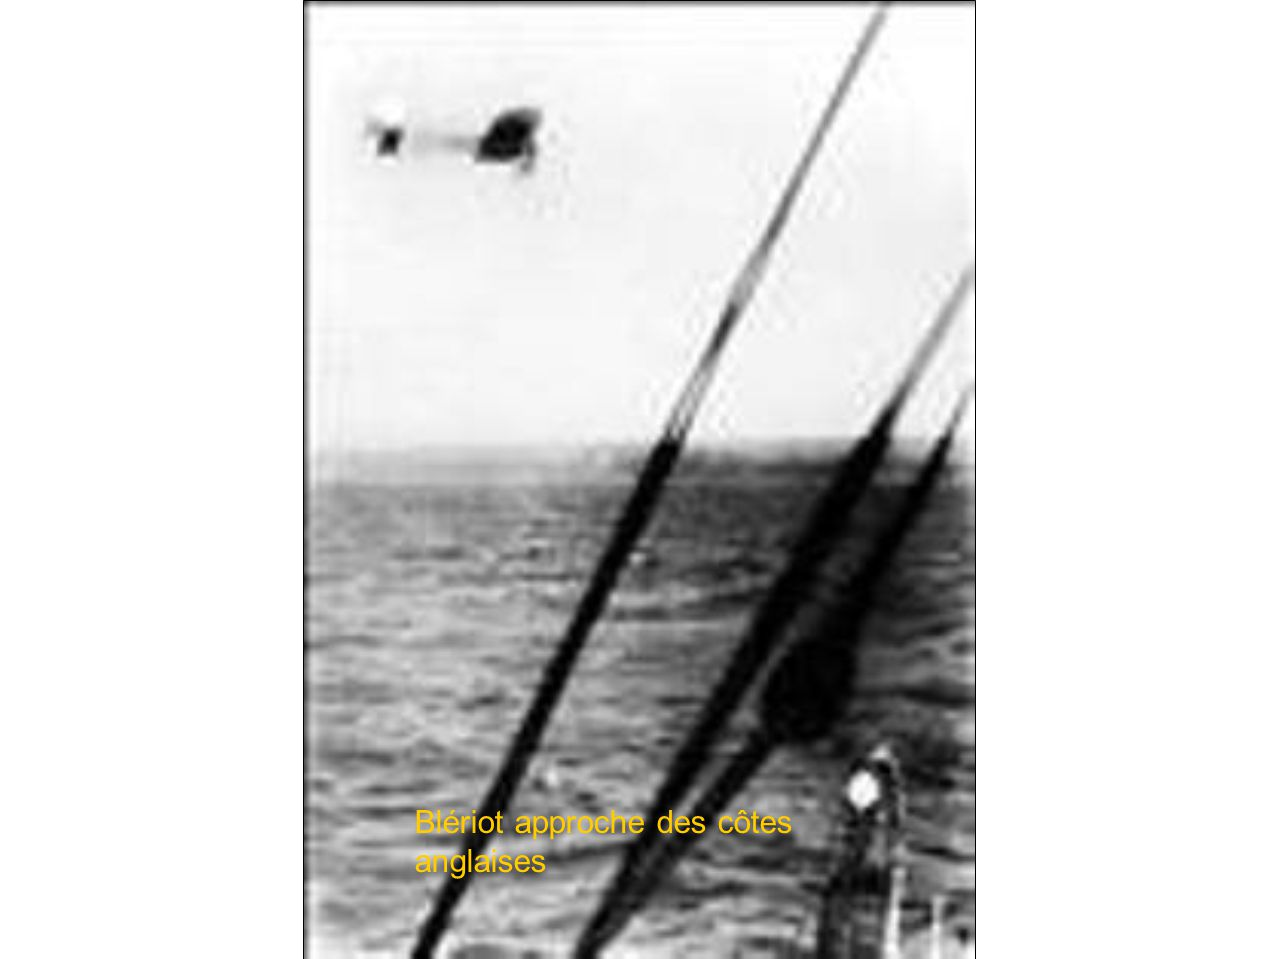 Blériot approche des côtes anglaises